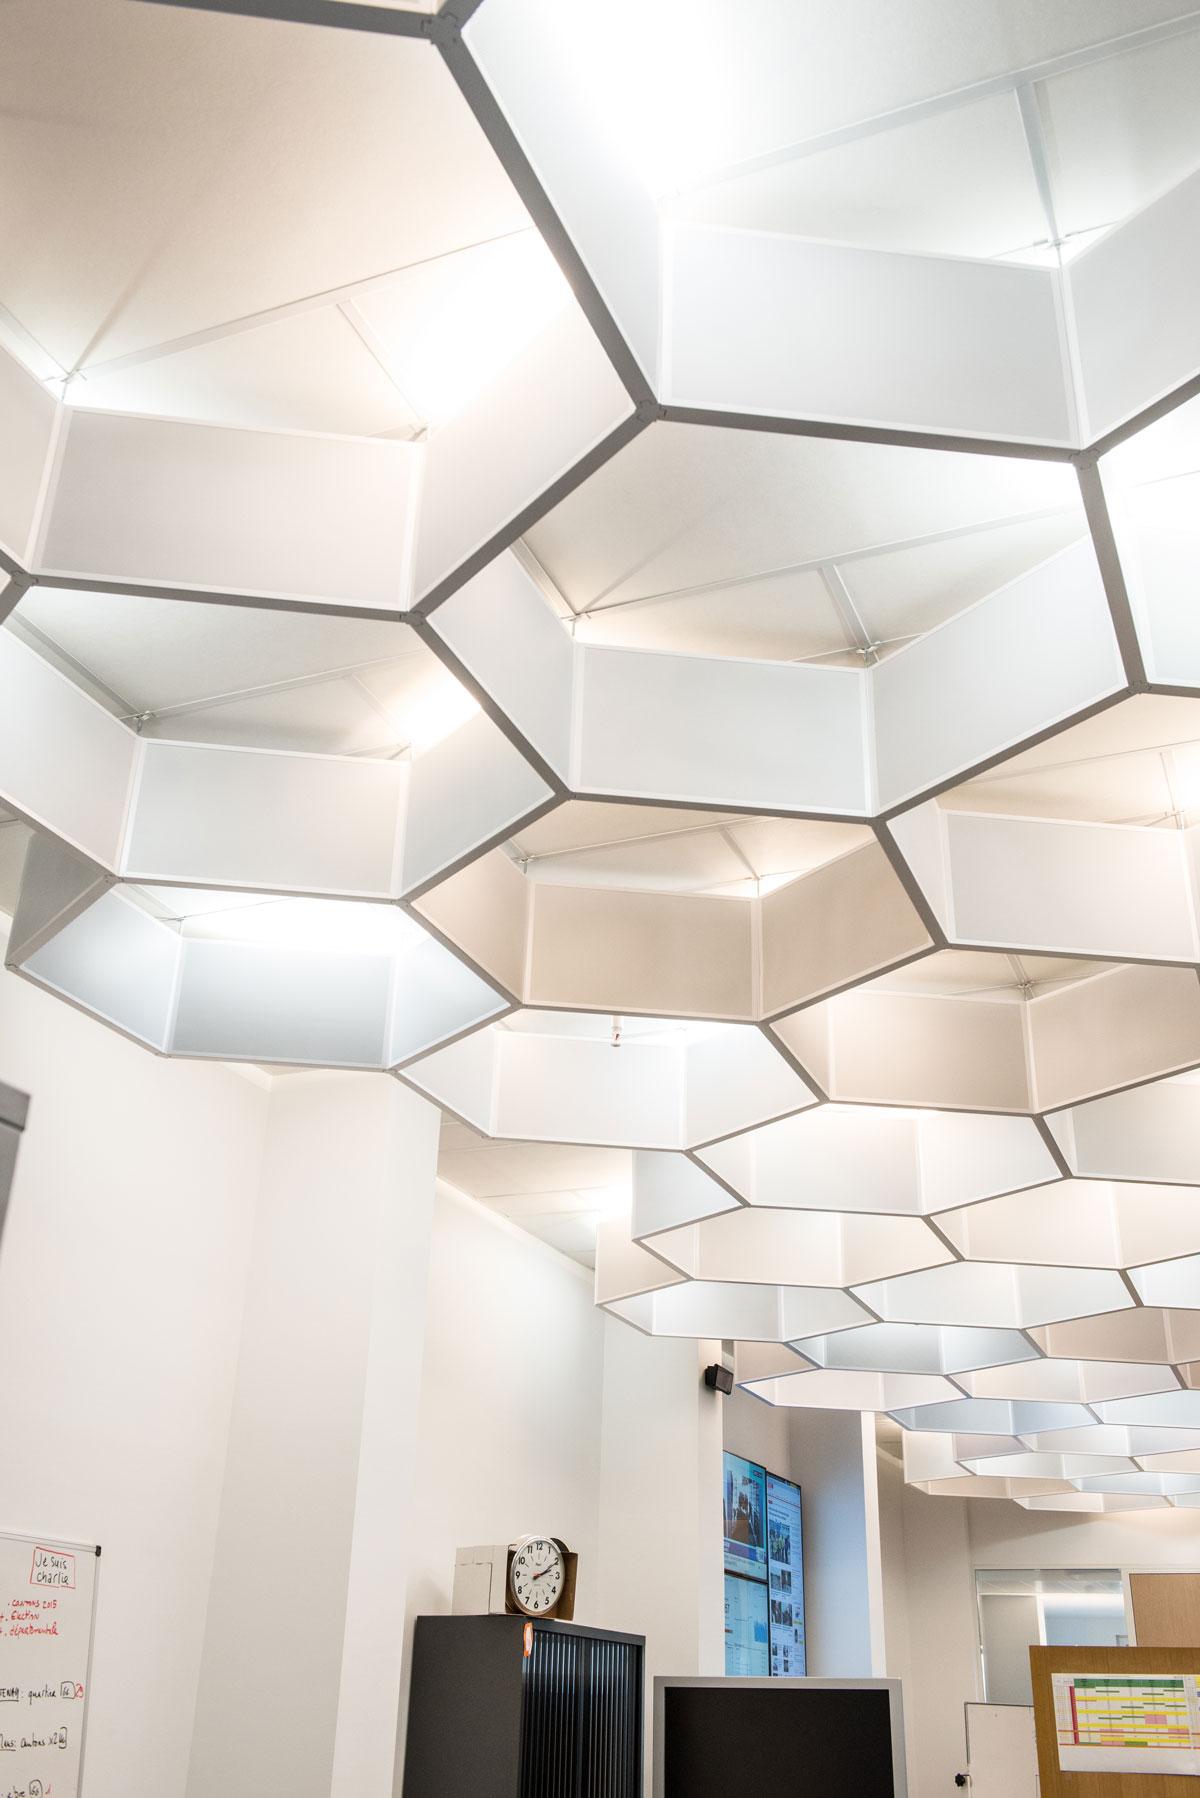 Plafonds Specifiques | Nid Abeille | Plafond Acoustique Ouest France Zoom Alcove Langlois Sobreti Rennes